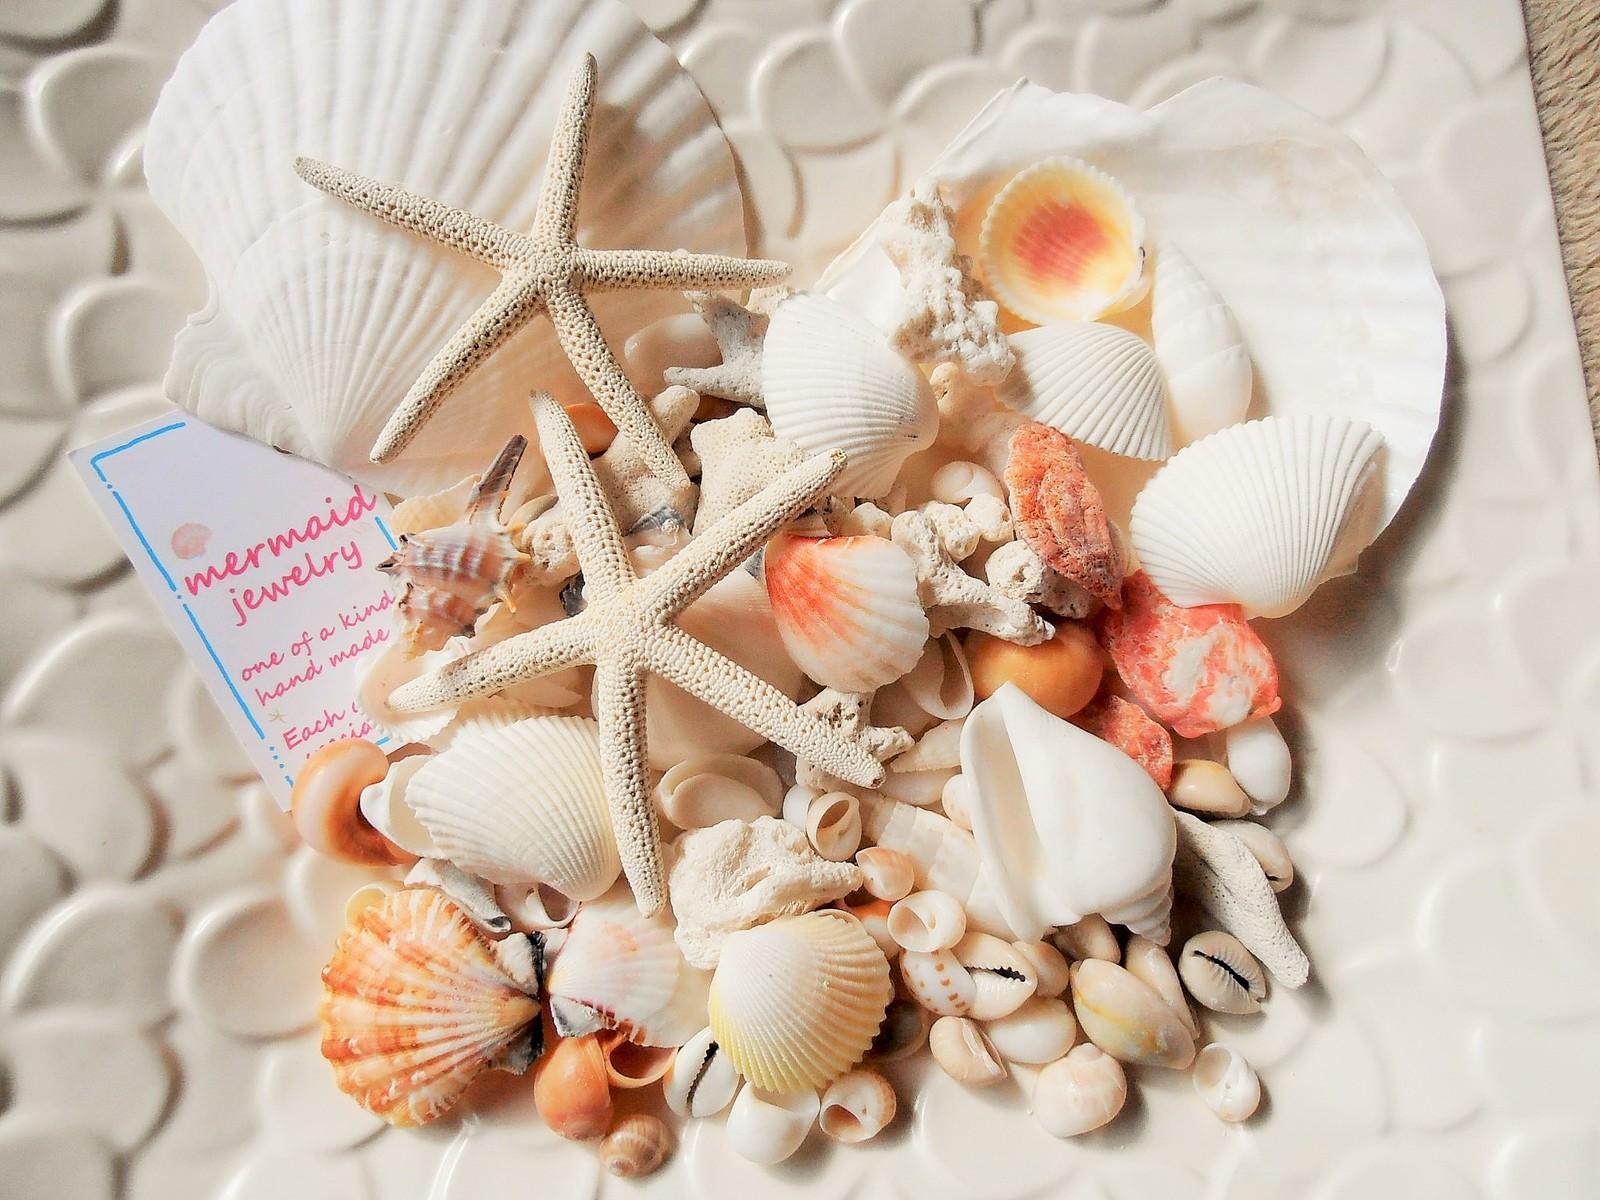 ハワイアンインテリア 出色 ブライダル ディスプレイ 手作り材料に きれいな貝殻のセットです 天然素材 A品 ハワイインテリア ヒトデ ホタテ サンゴ 色々な貝殻セット ランキングTOP5 350gパック 工作材料